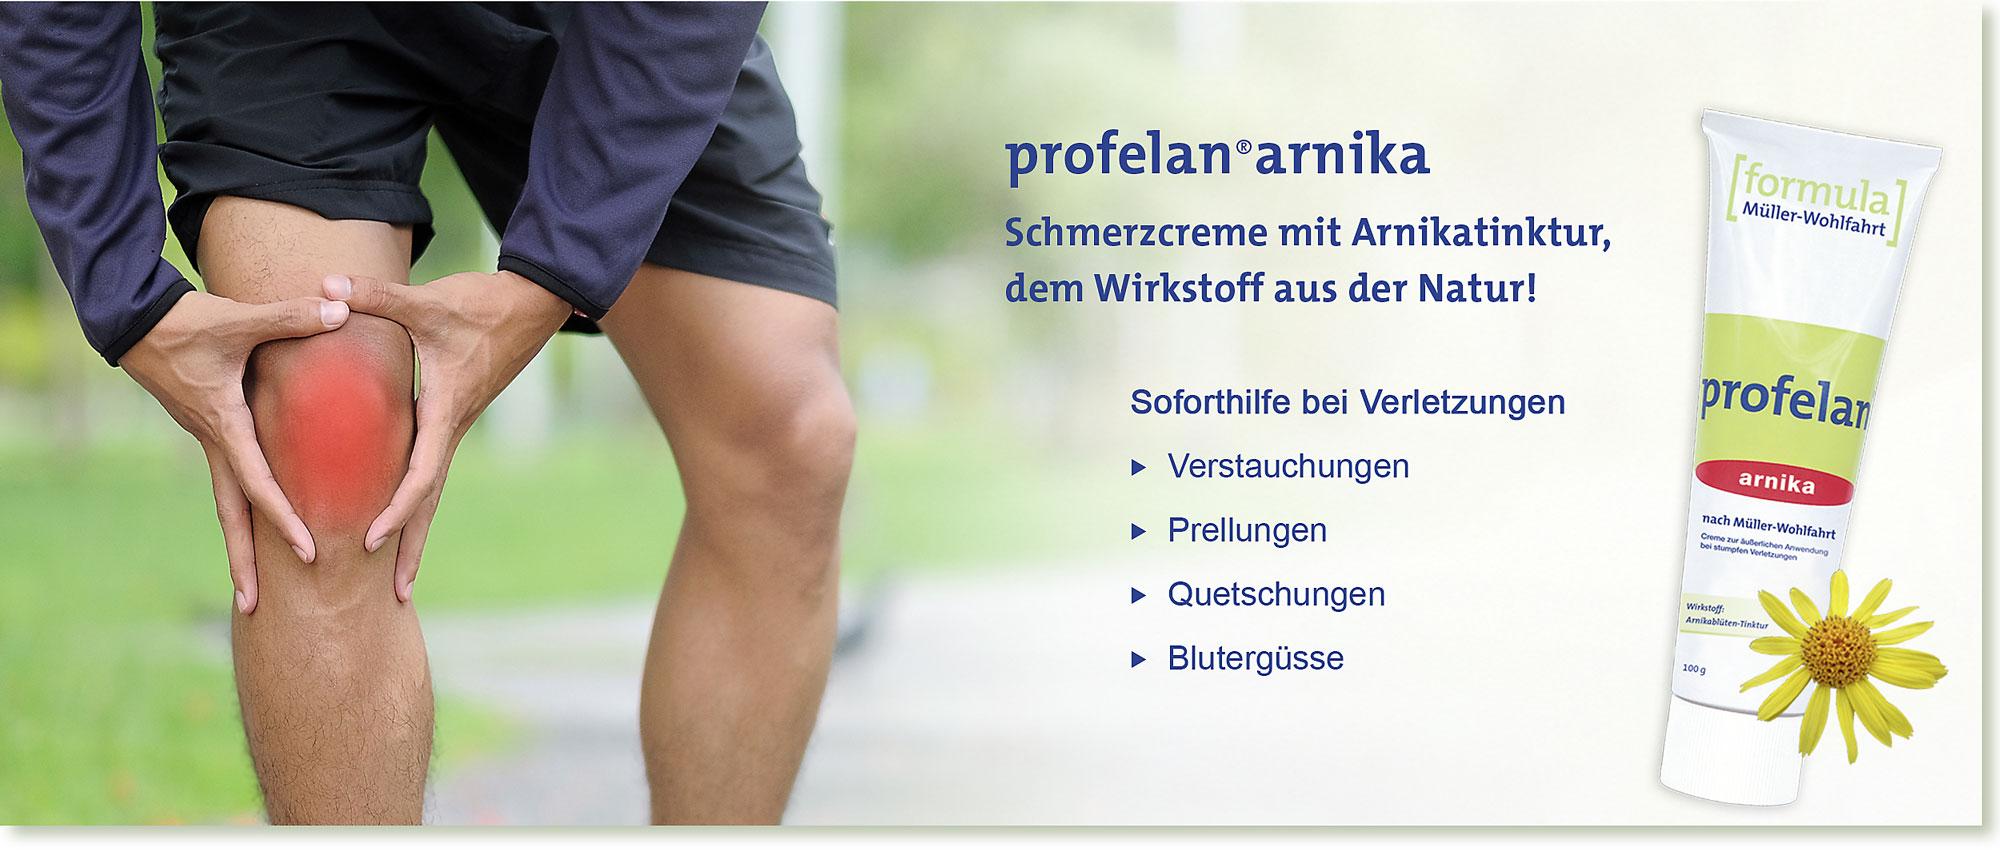 Slider | PROFELAN-Arnika Schmerzcreme nach Müller-Wohlfahrt